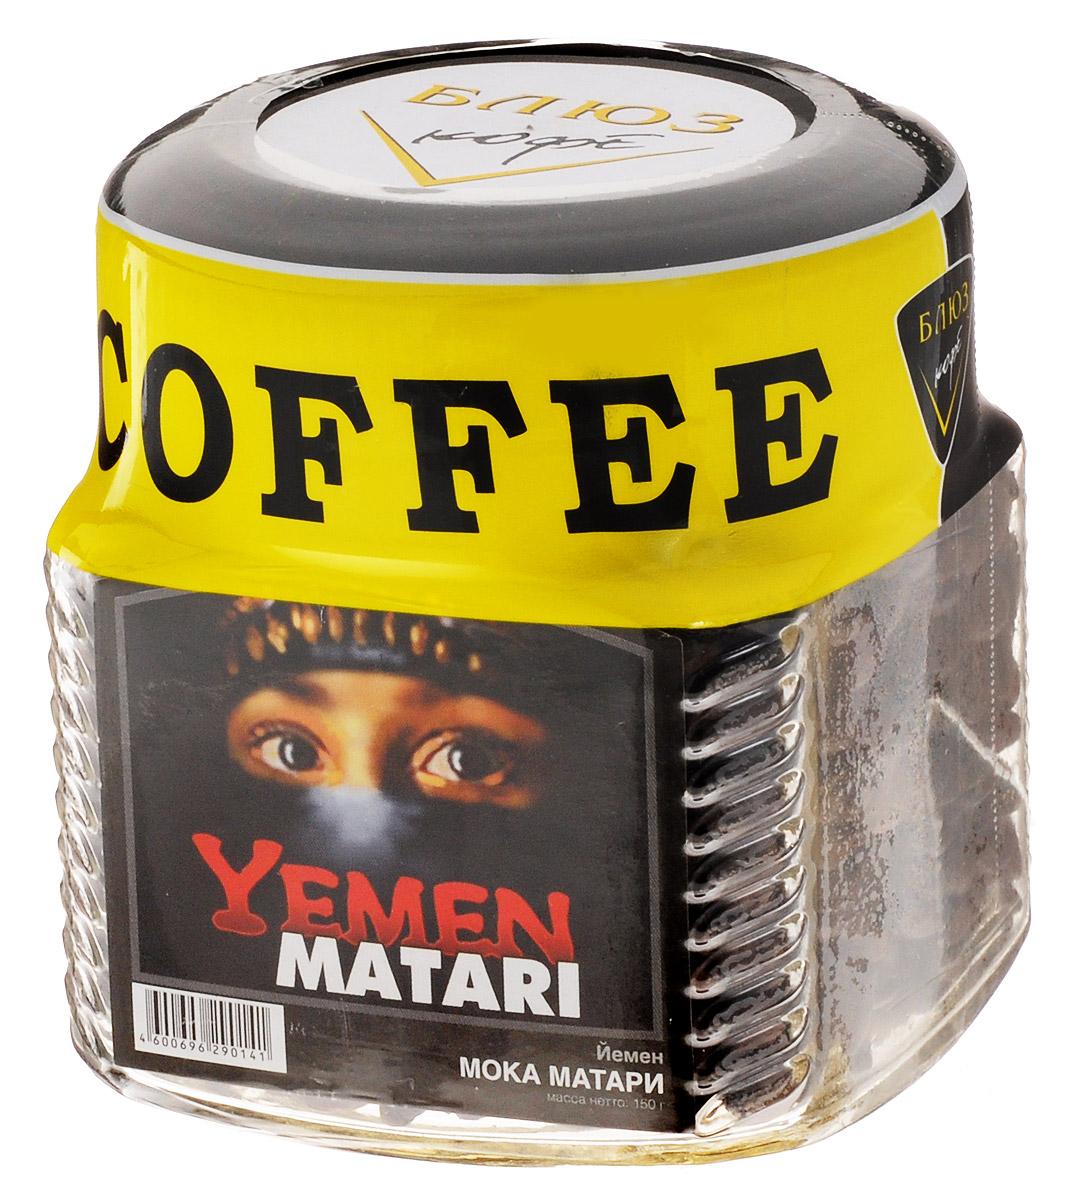 Кофе Блюз Блюз Йемен Мока Матари кофе в зернах, 150 г 4600696490022